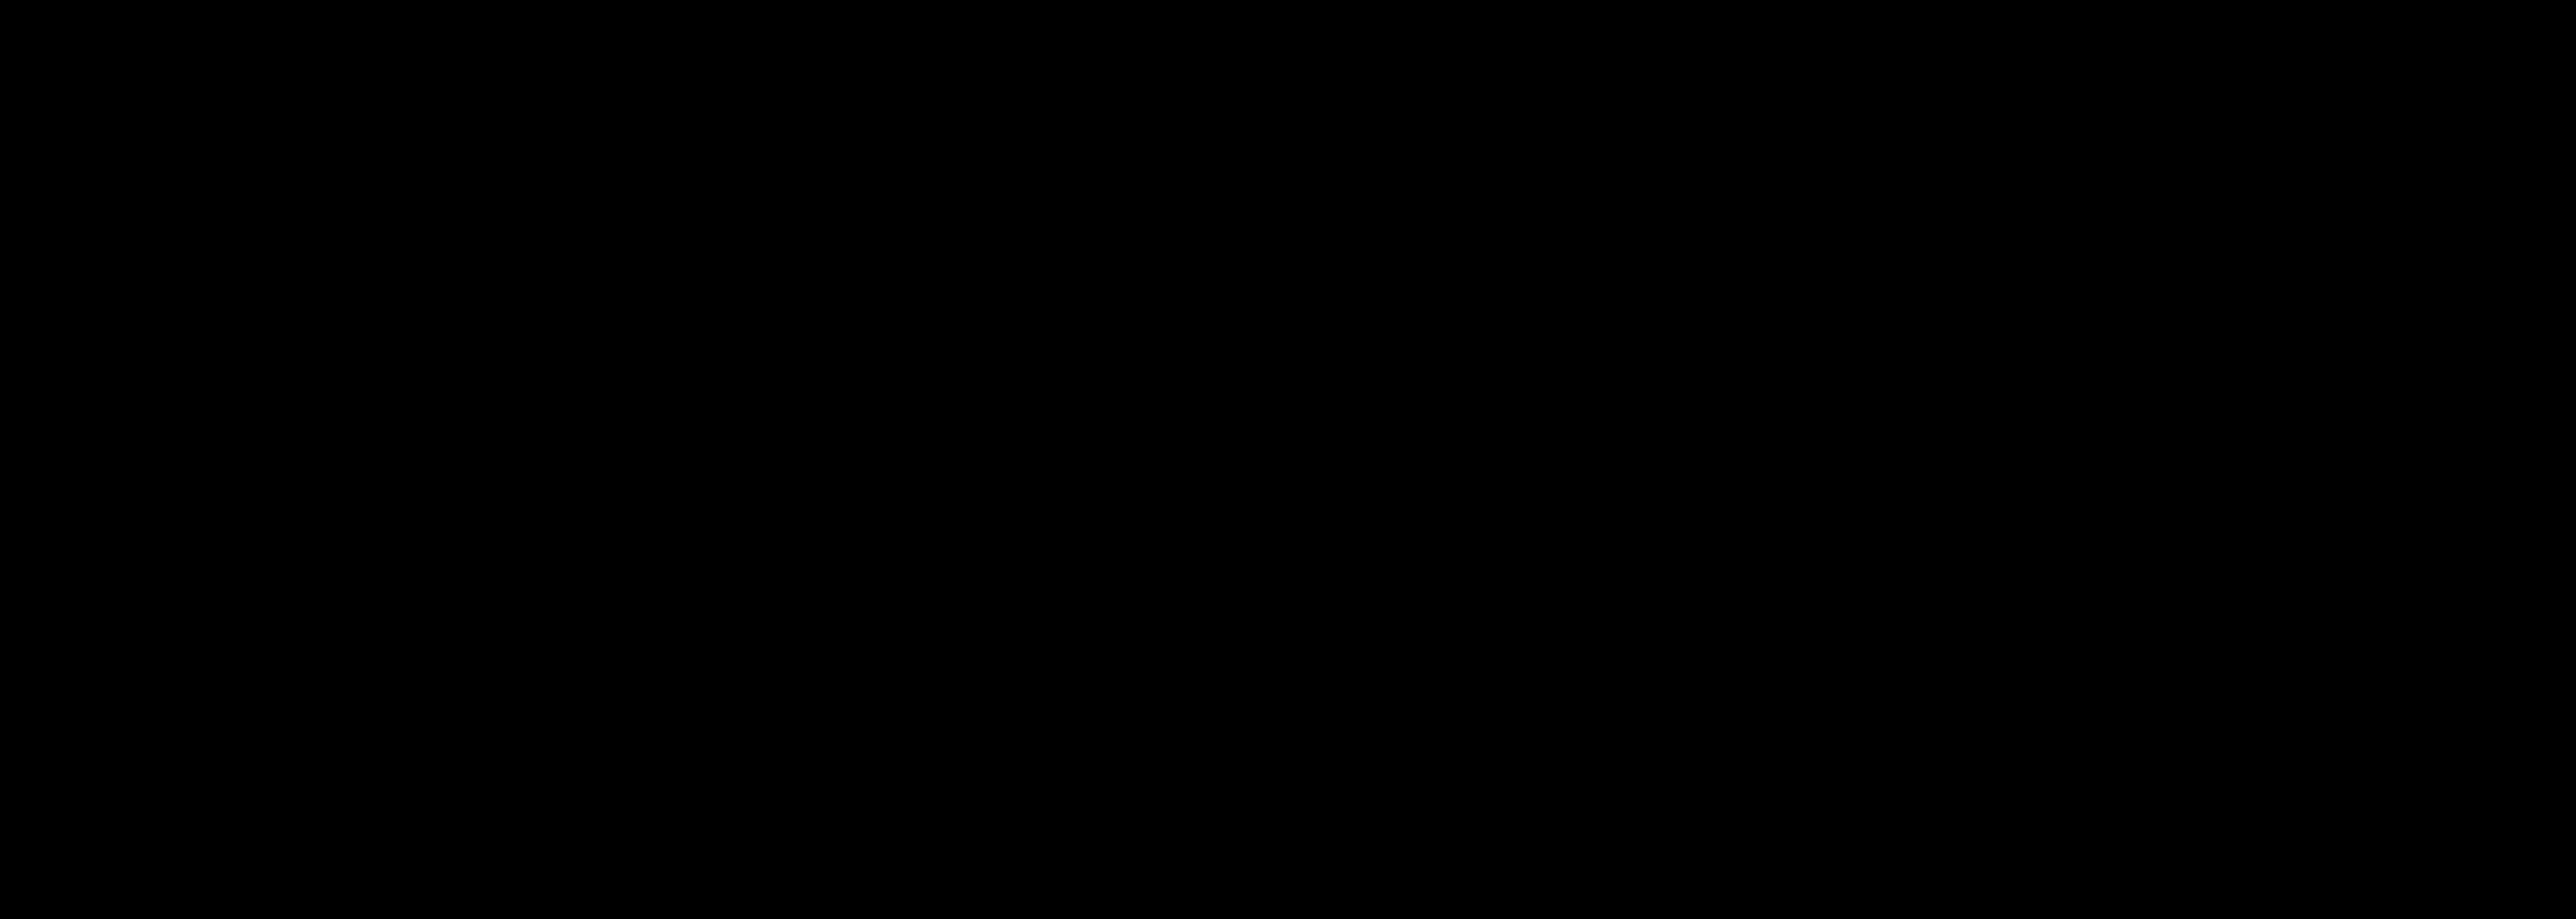 Doble Grado en Comunicación Audiovisual y Periodismo